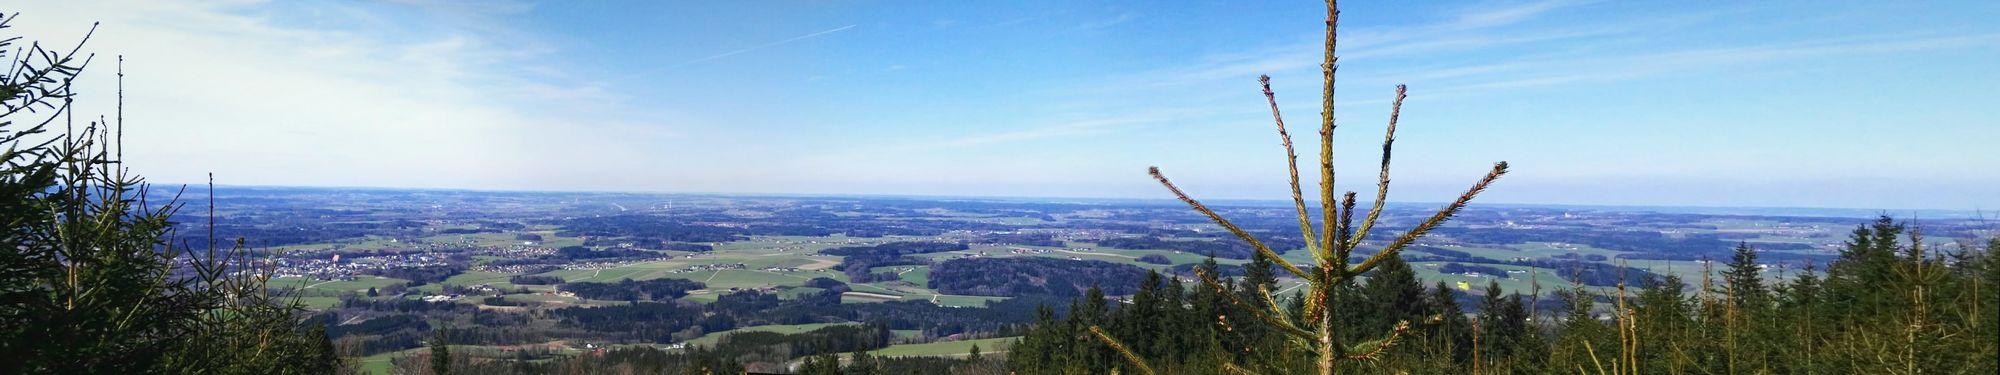 Aussicht vom Haunsberg aus überragend Oberndorf Bei Salzburg Bürmoos Lamprechtshausen Arnsdorf Flachgau Cityscape Sky Landscape